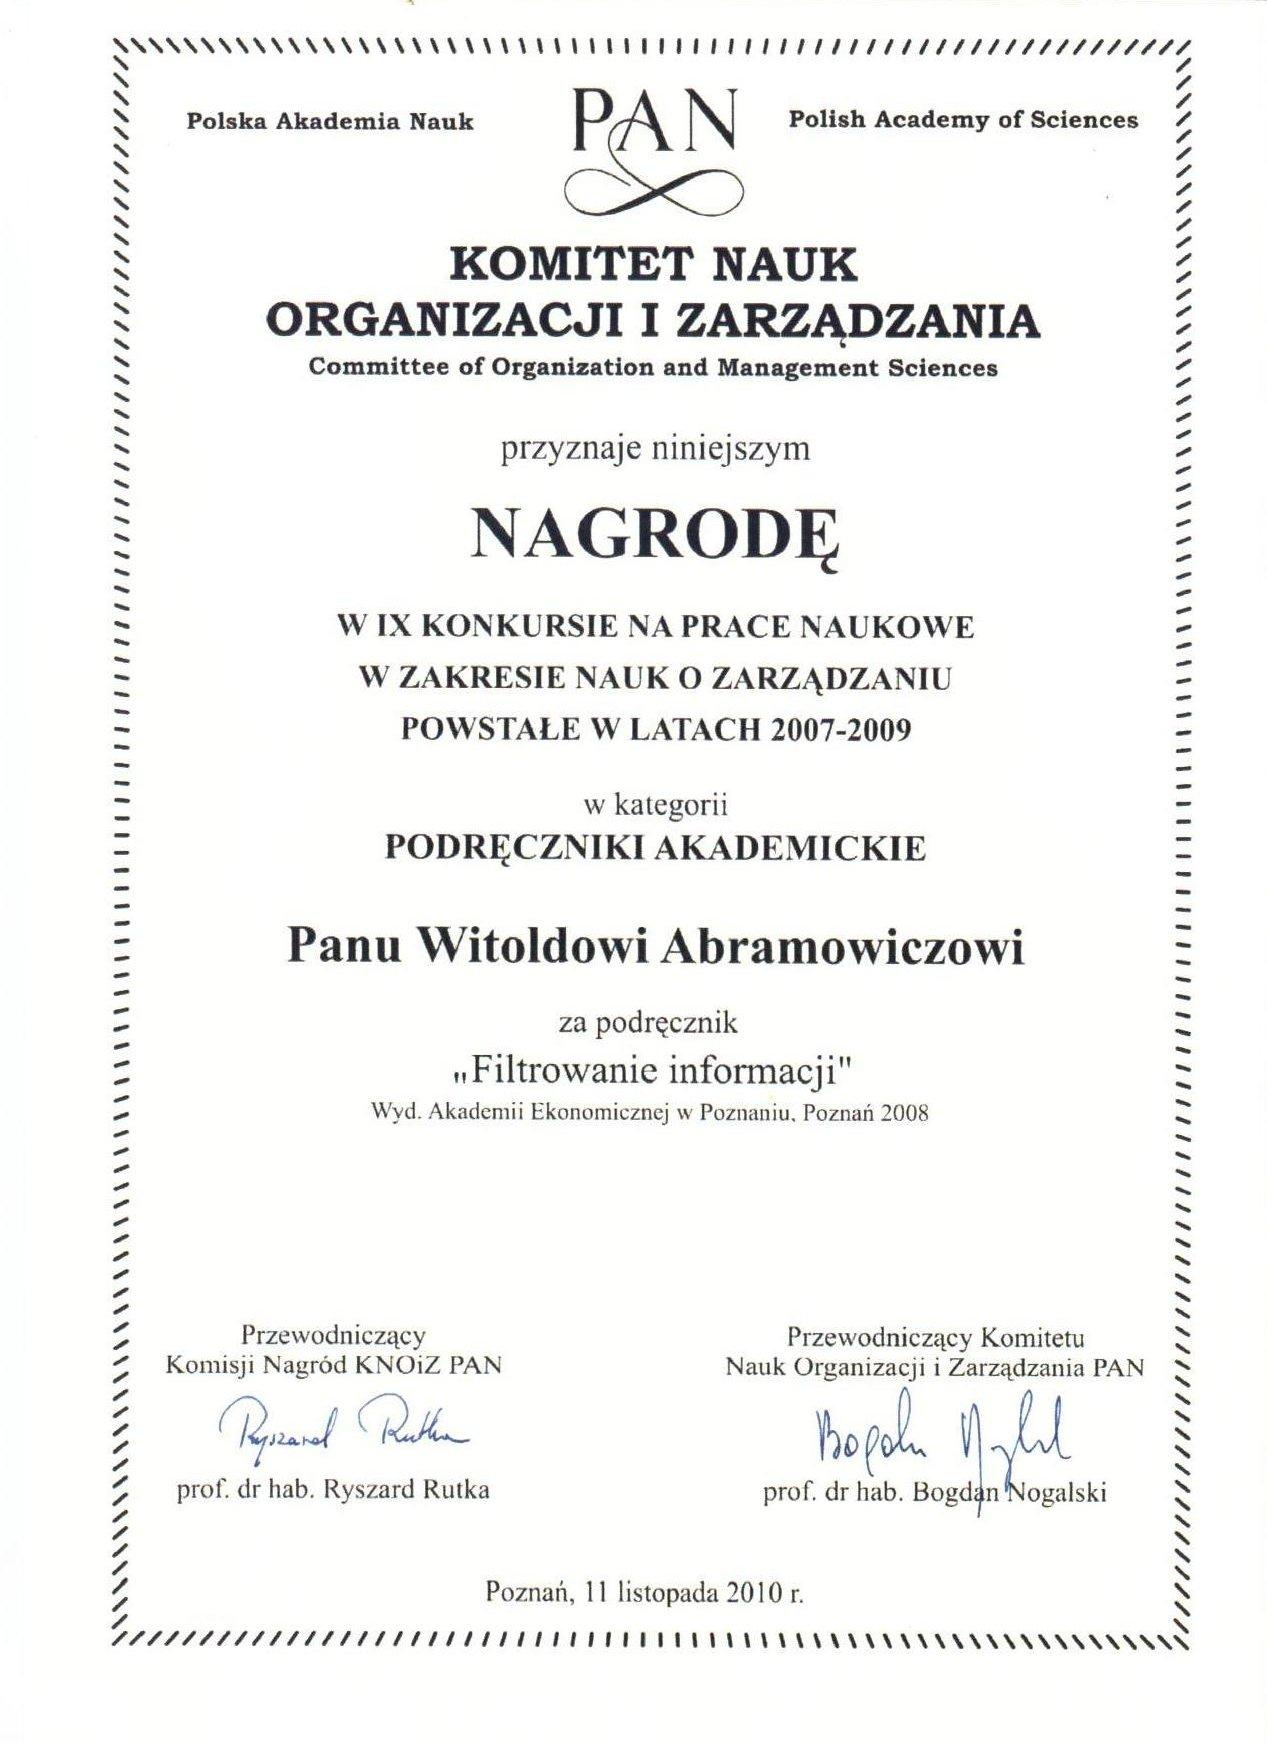 Nagroda Komitetu Nauk Organizacji i Zarządzania za ksiażkę ,,Filtrowanie informacji'' prof. dr hab. W. Abramowicza